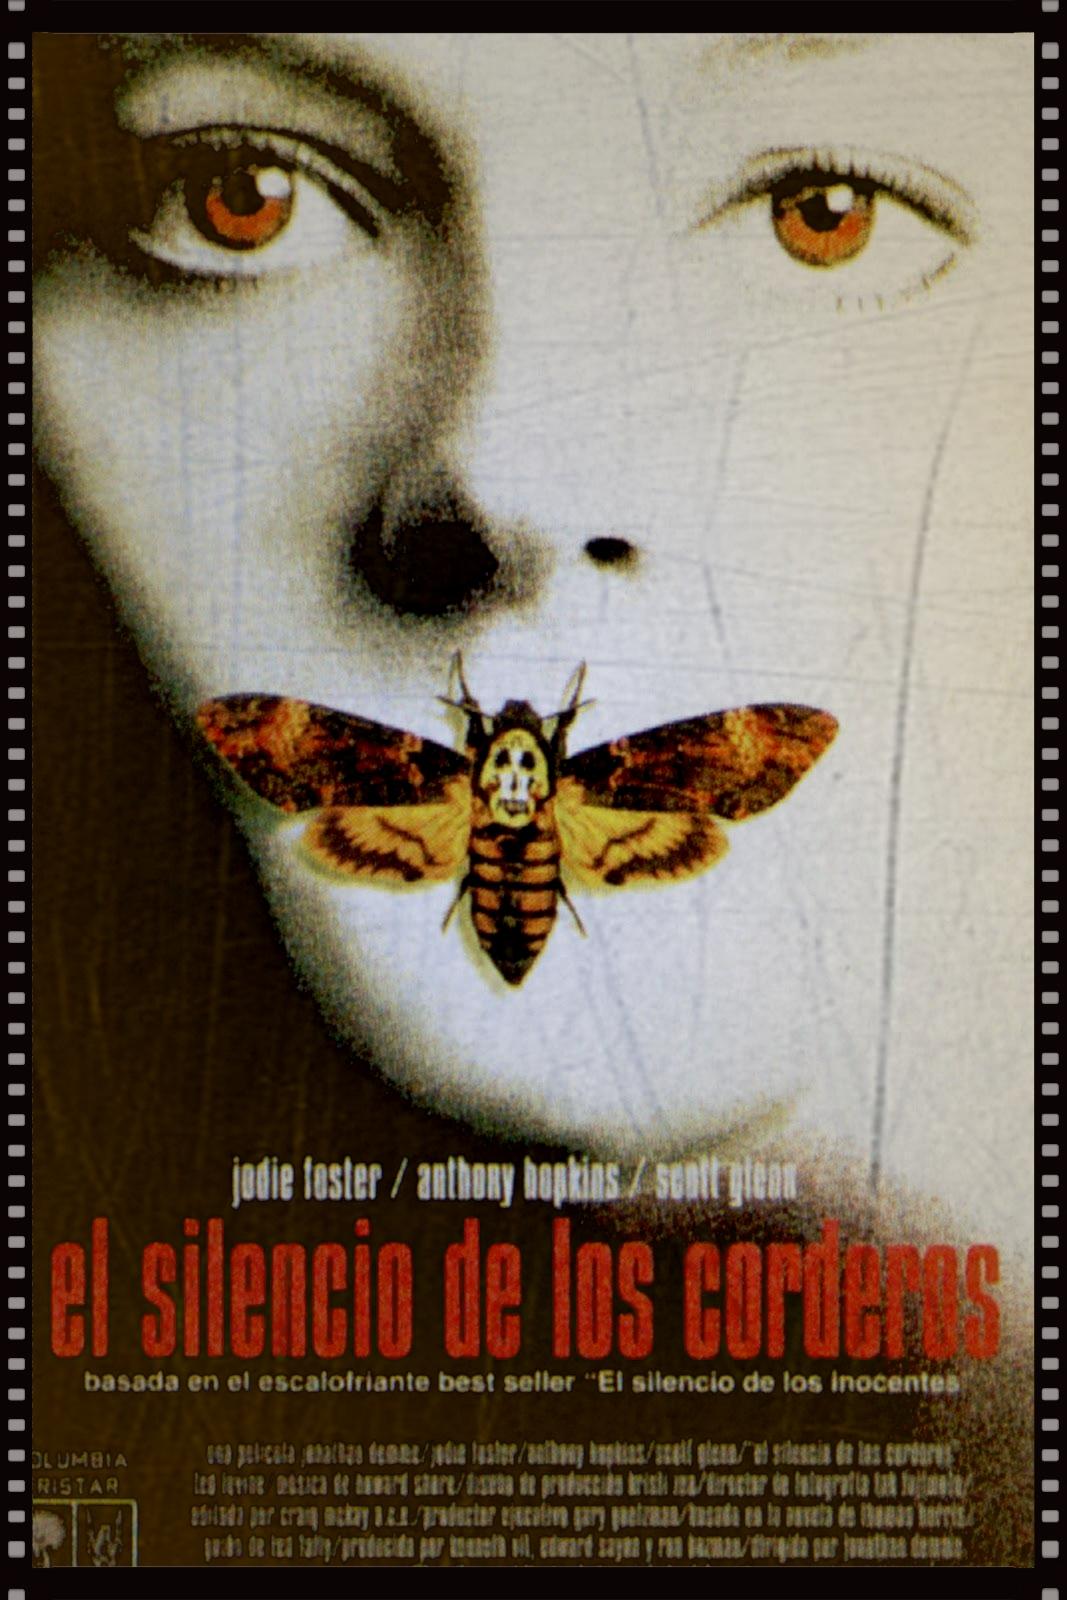 f_Silencio